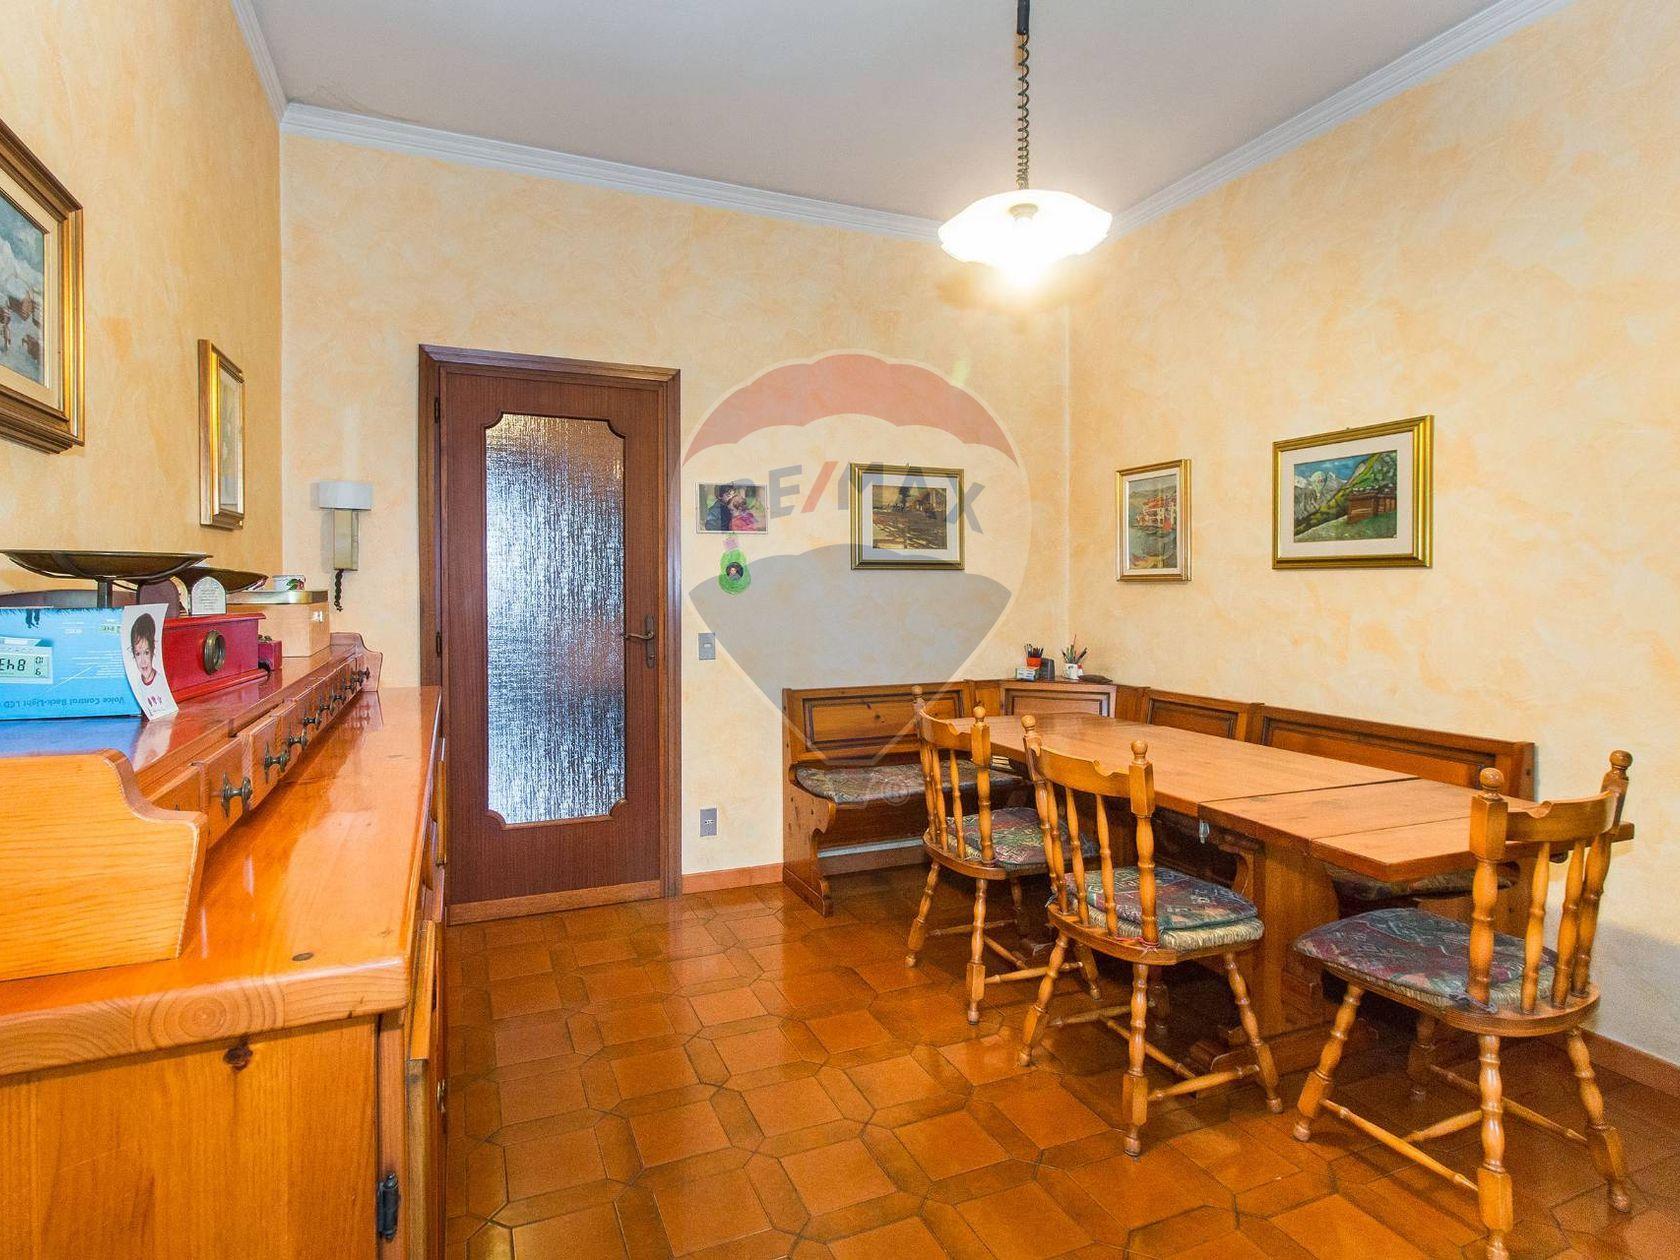 Appartamento San Pietro, Moncalieri, TO Vendita - Foto 19